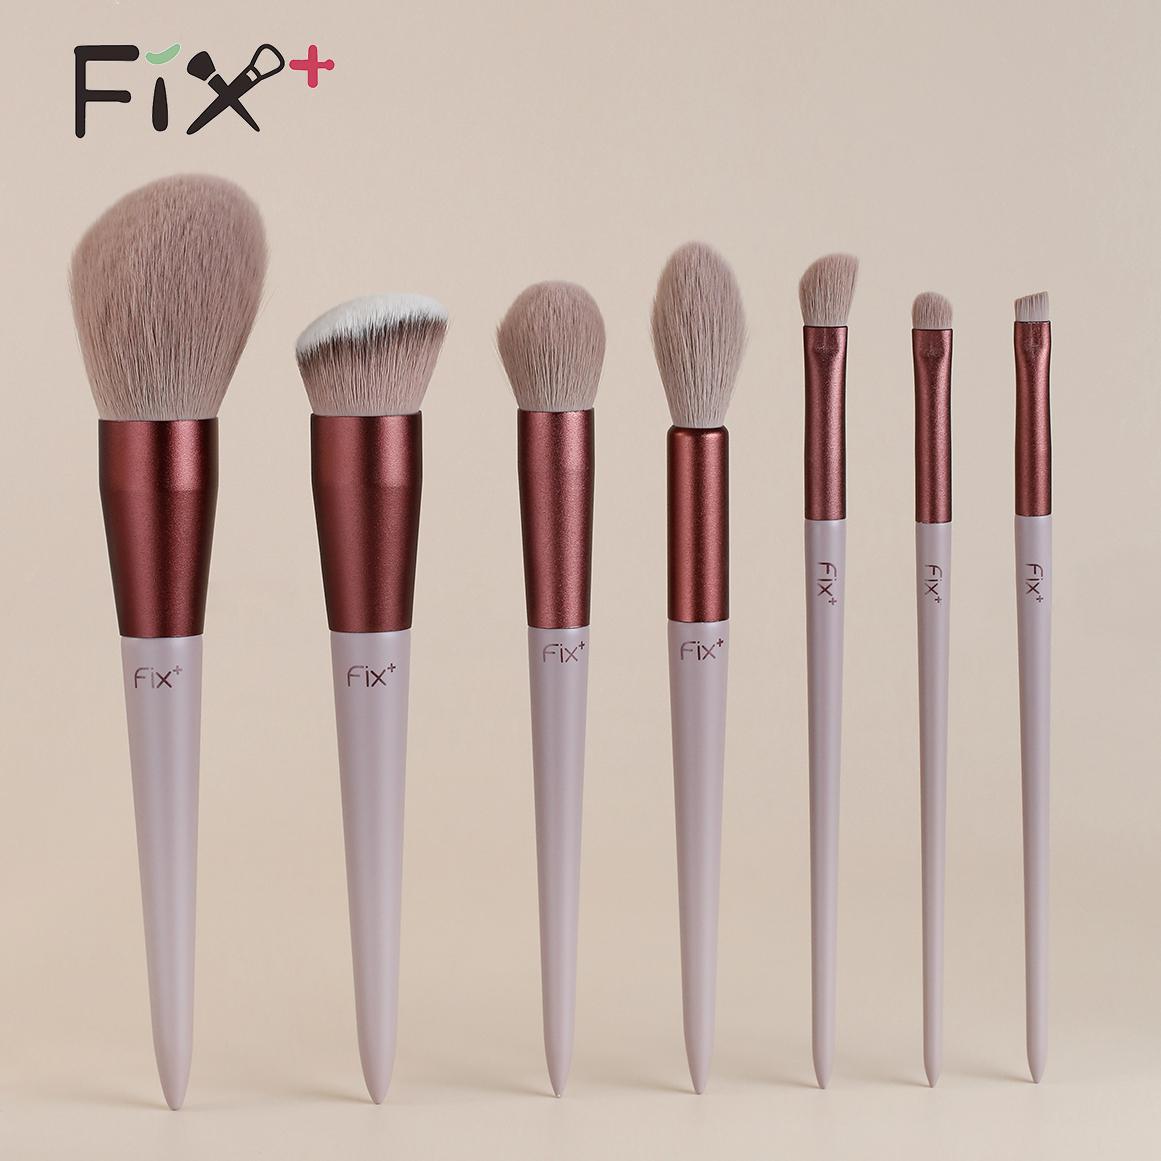 fix+菲丝加芬春日和美妆工具速干化妆刷套装散粉刷腮红眼鼻软刷